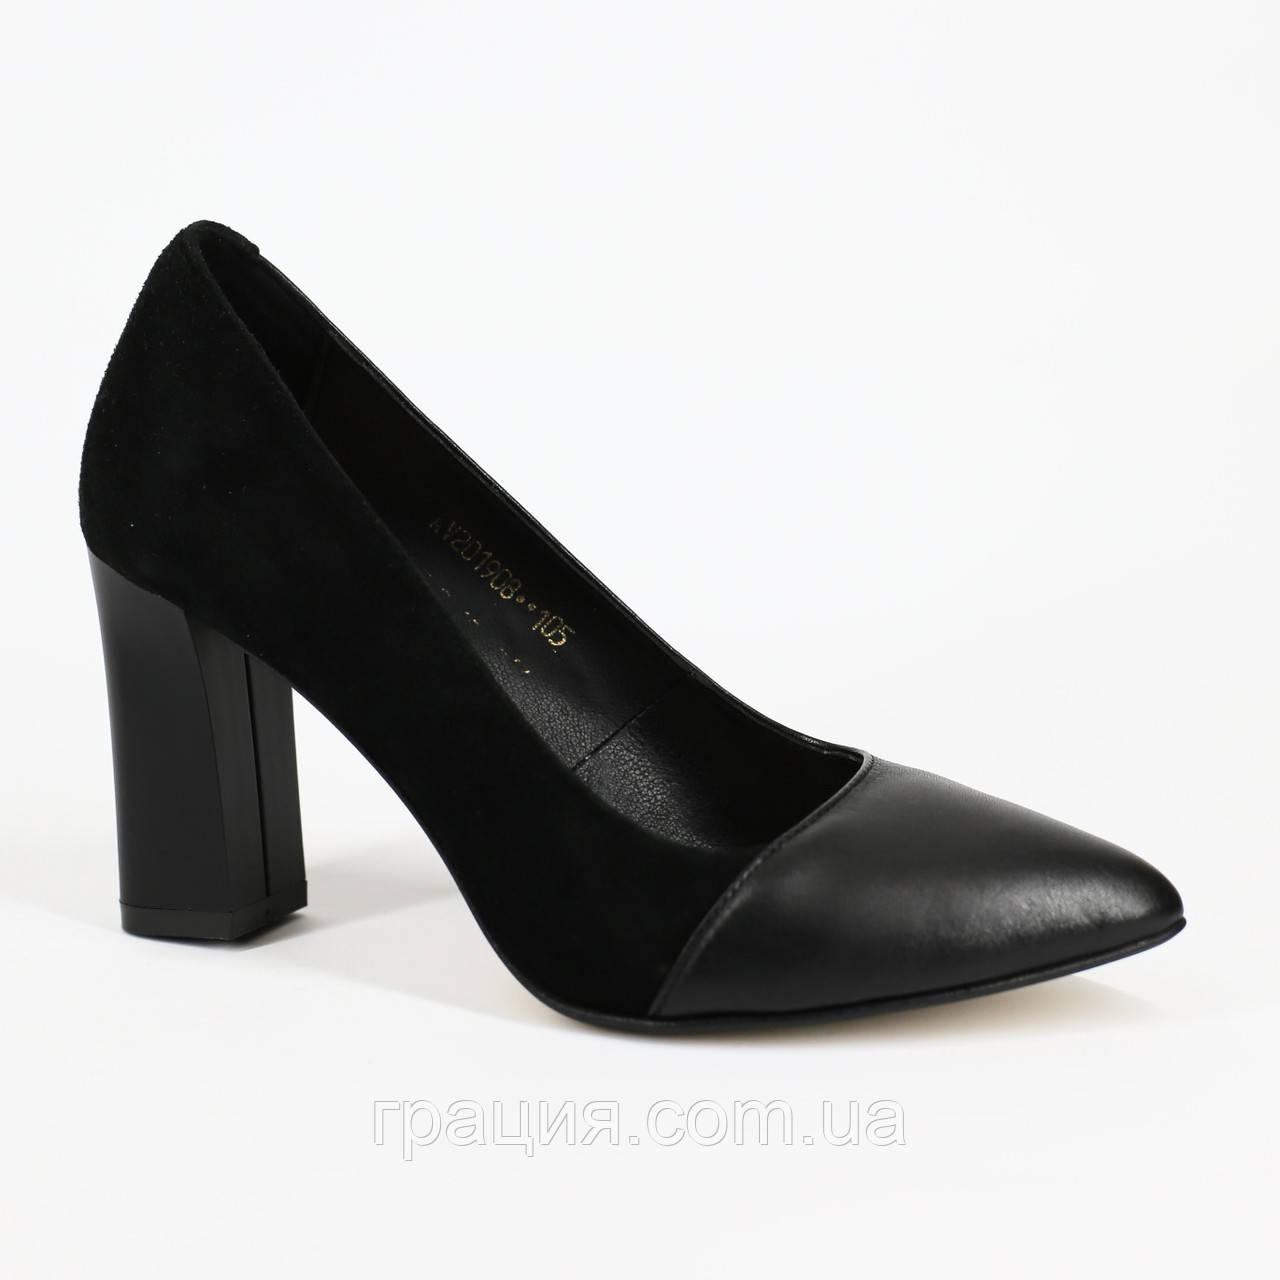 Елегантні жіночі туфлі натуральні шкіряні на підборах